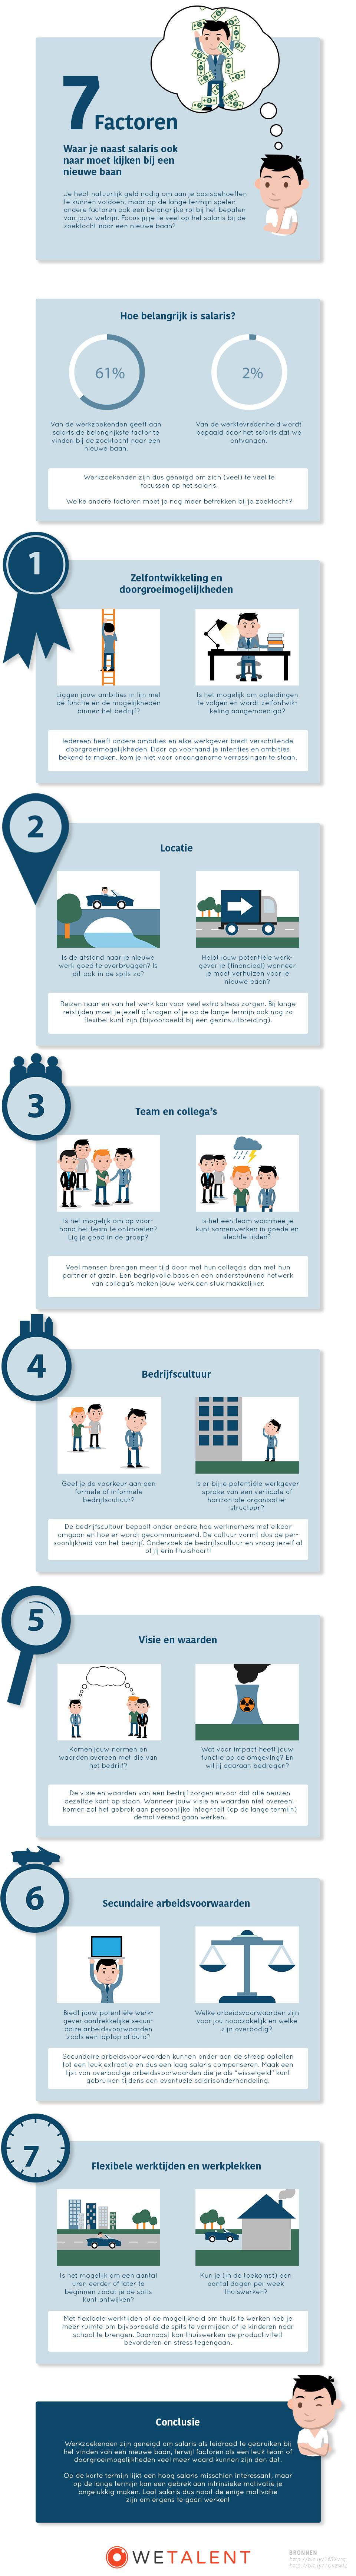 7 factoren waar je naast salaris ook naar moet kijken infographic